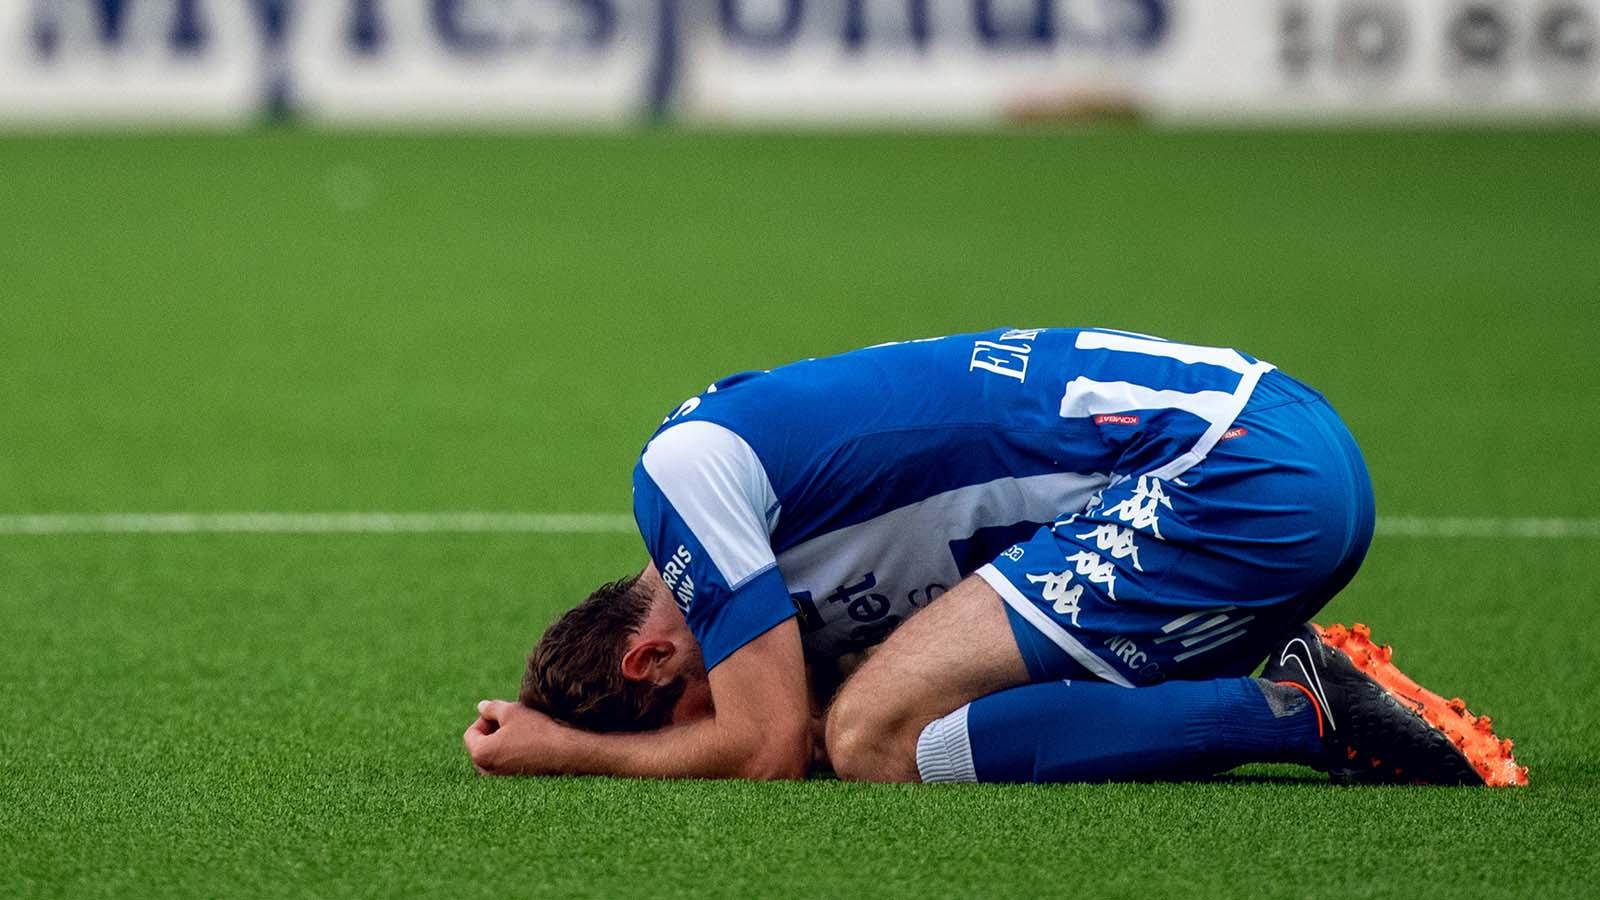 180521 IFK Göteborgs Emil Salomonsson deppar efter fotbollsmatchen i Allsvenskan mellan Elfsborg och IFK Göteborg den 21 maj 2018 i Borås. Foto: Jörgen Jarnberger / BILDBYRÅN / Kod JJ / Cop 112